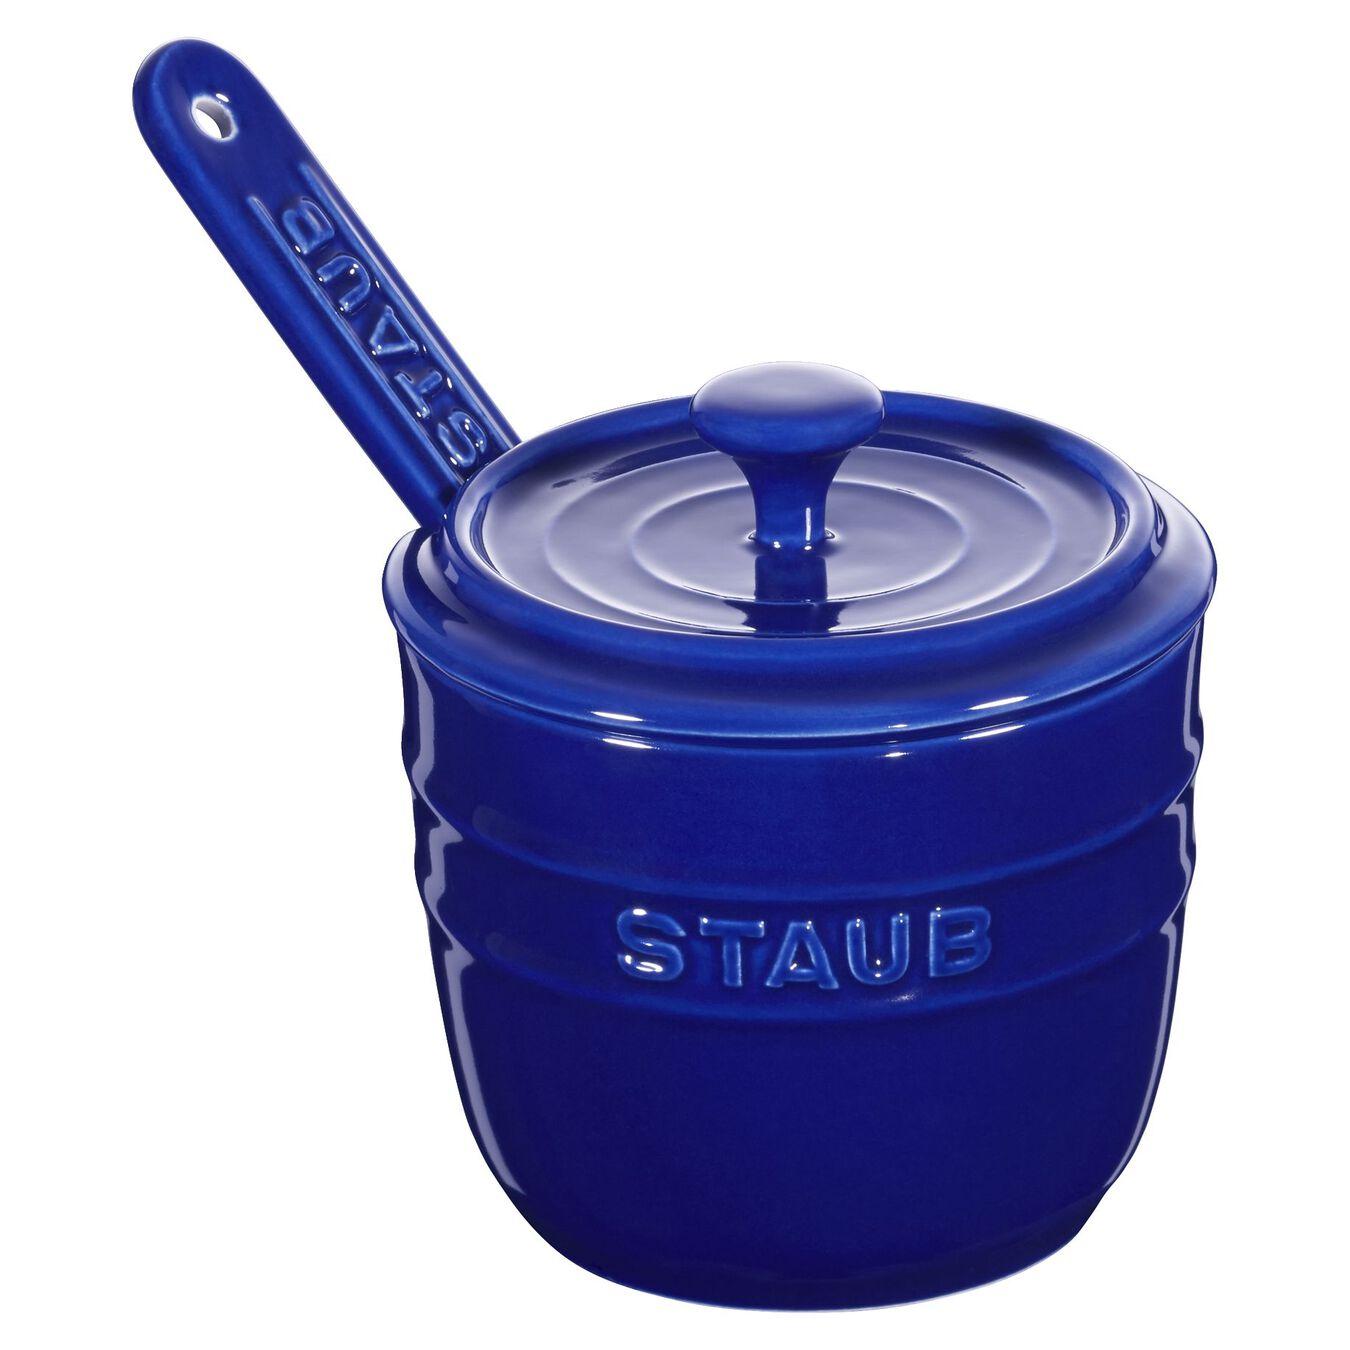 Sucrier 9 cm, Céramique, Bleu intense,,large 1